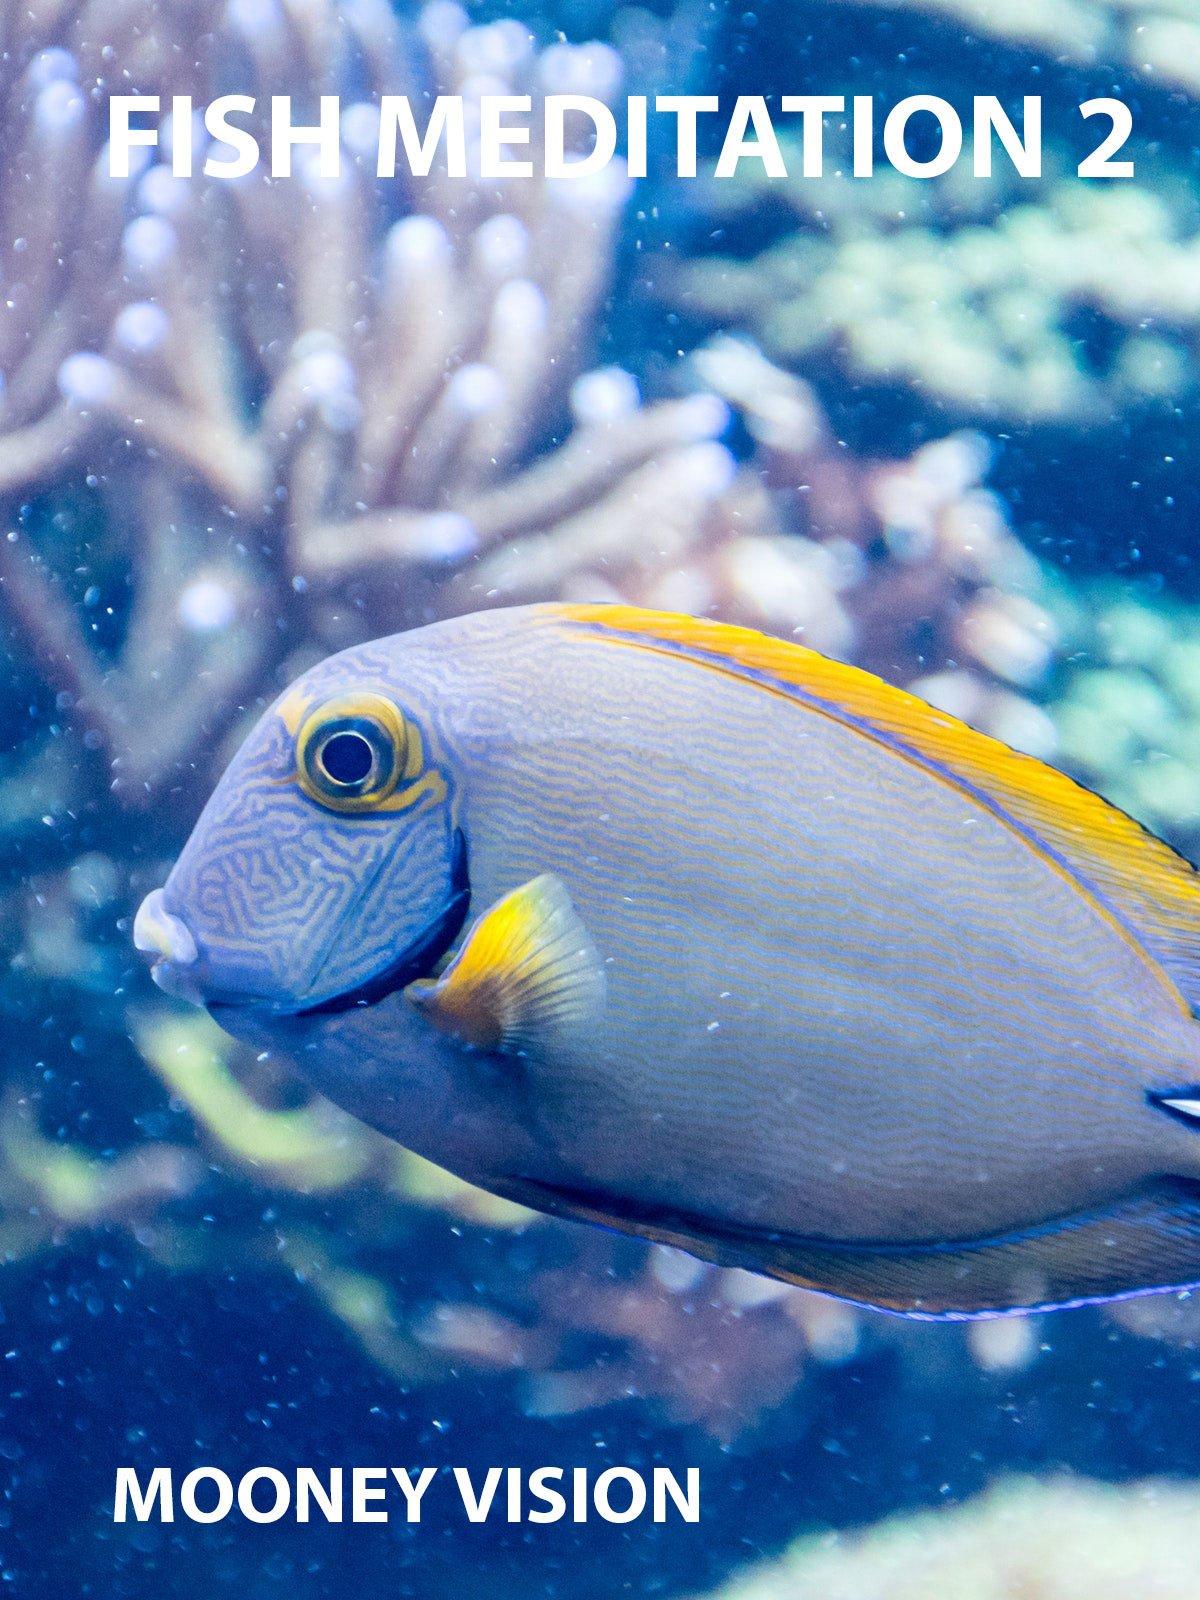 Fish Meditation 2